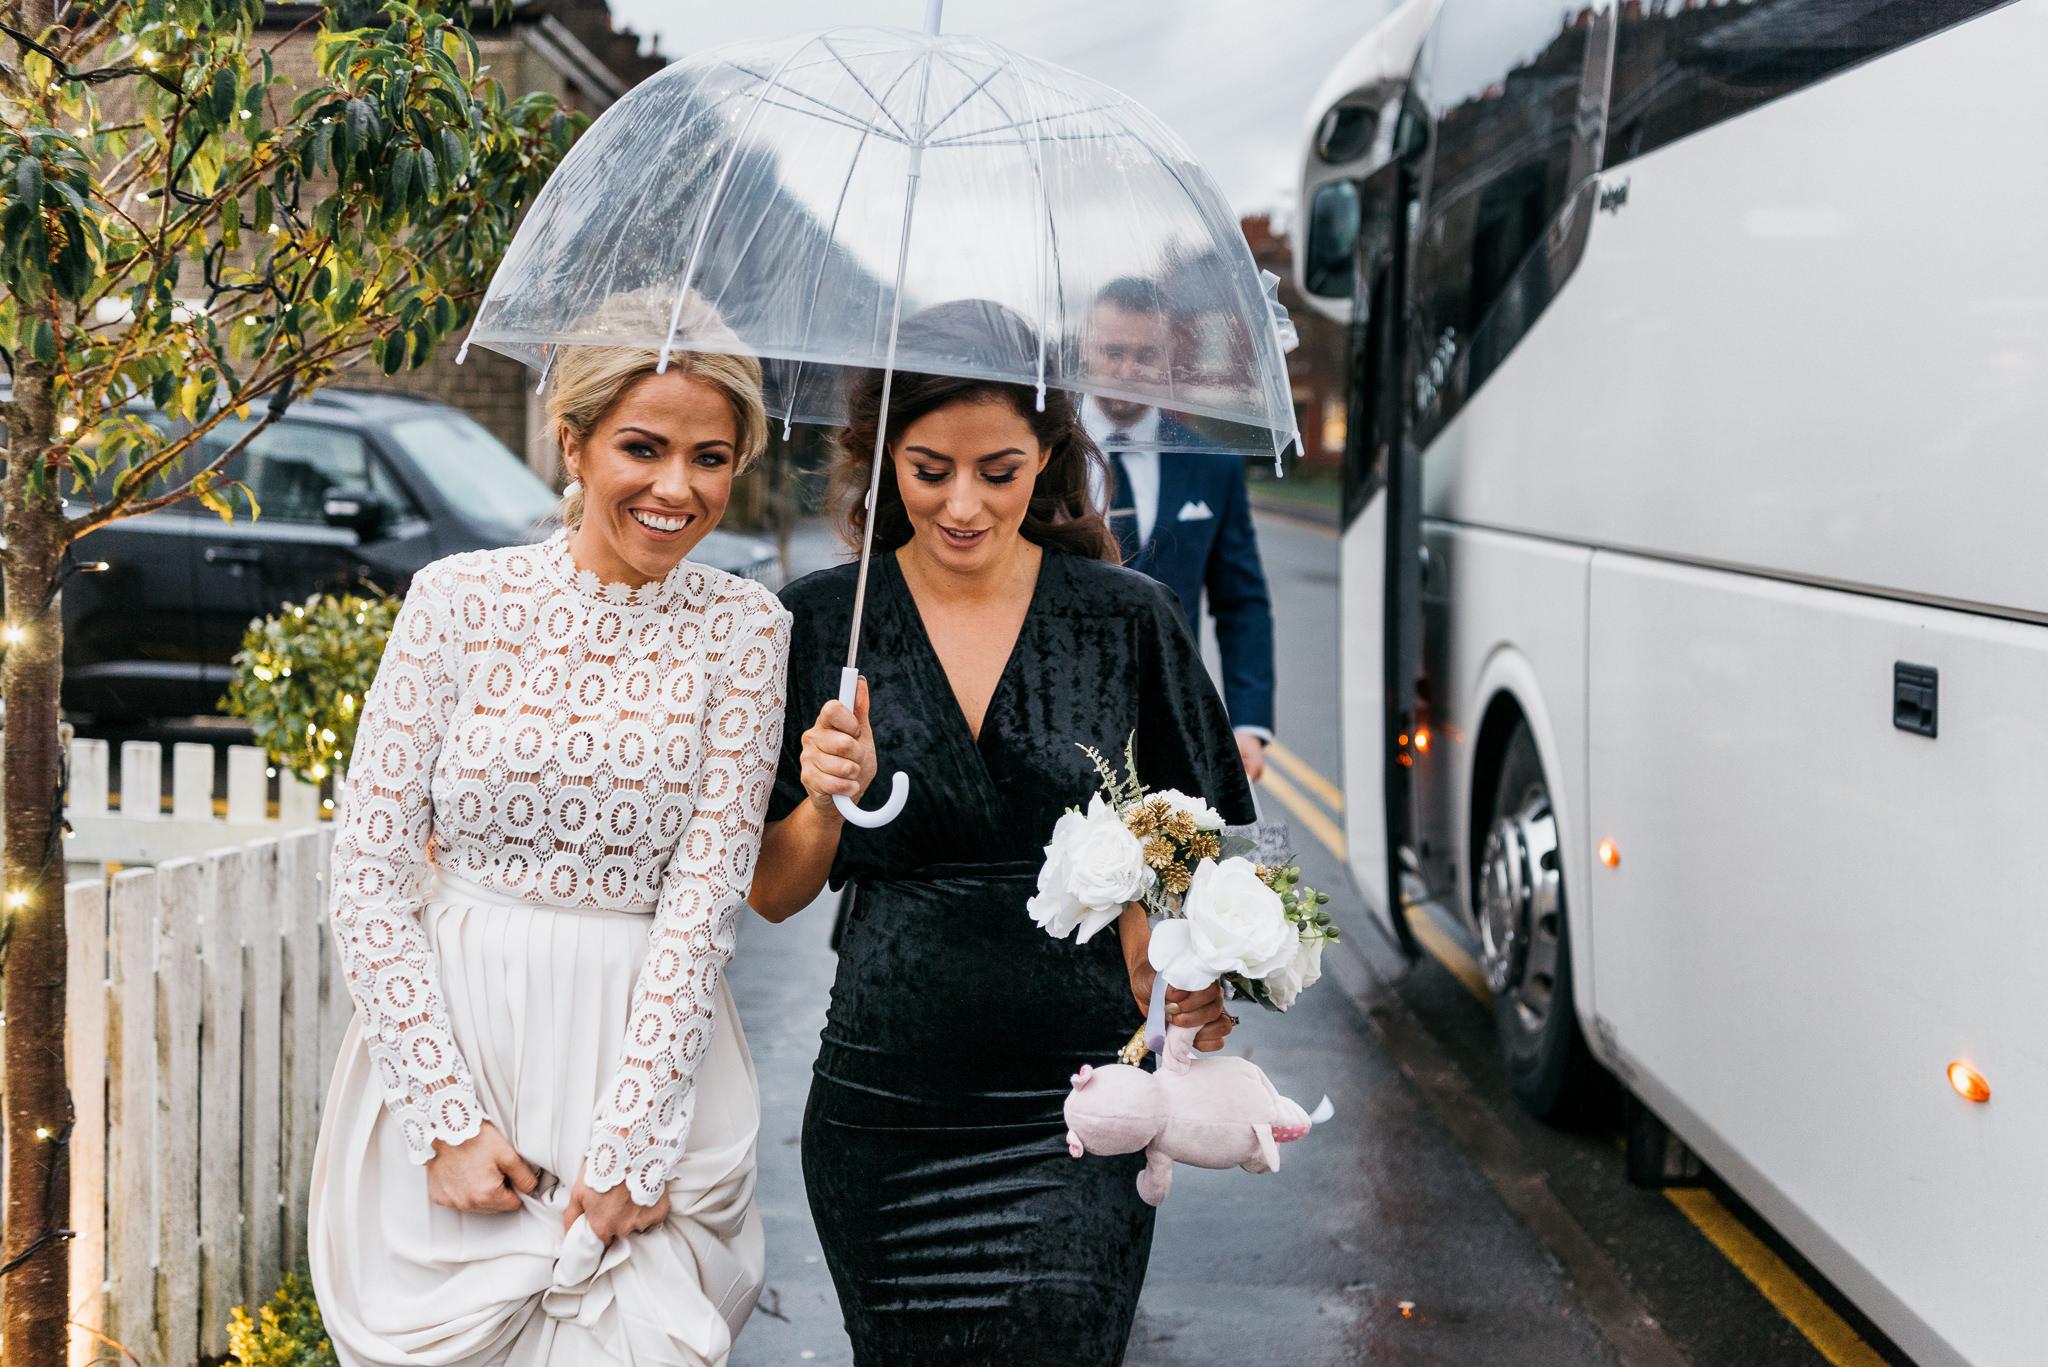 Marple Wedding Photography